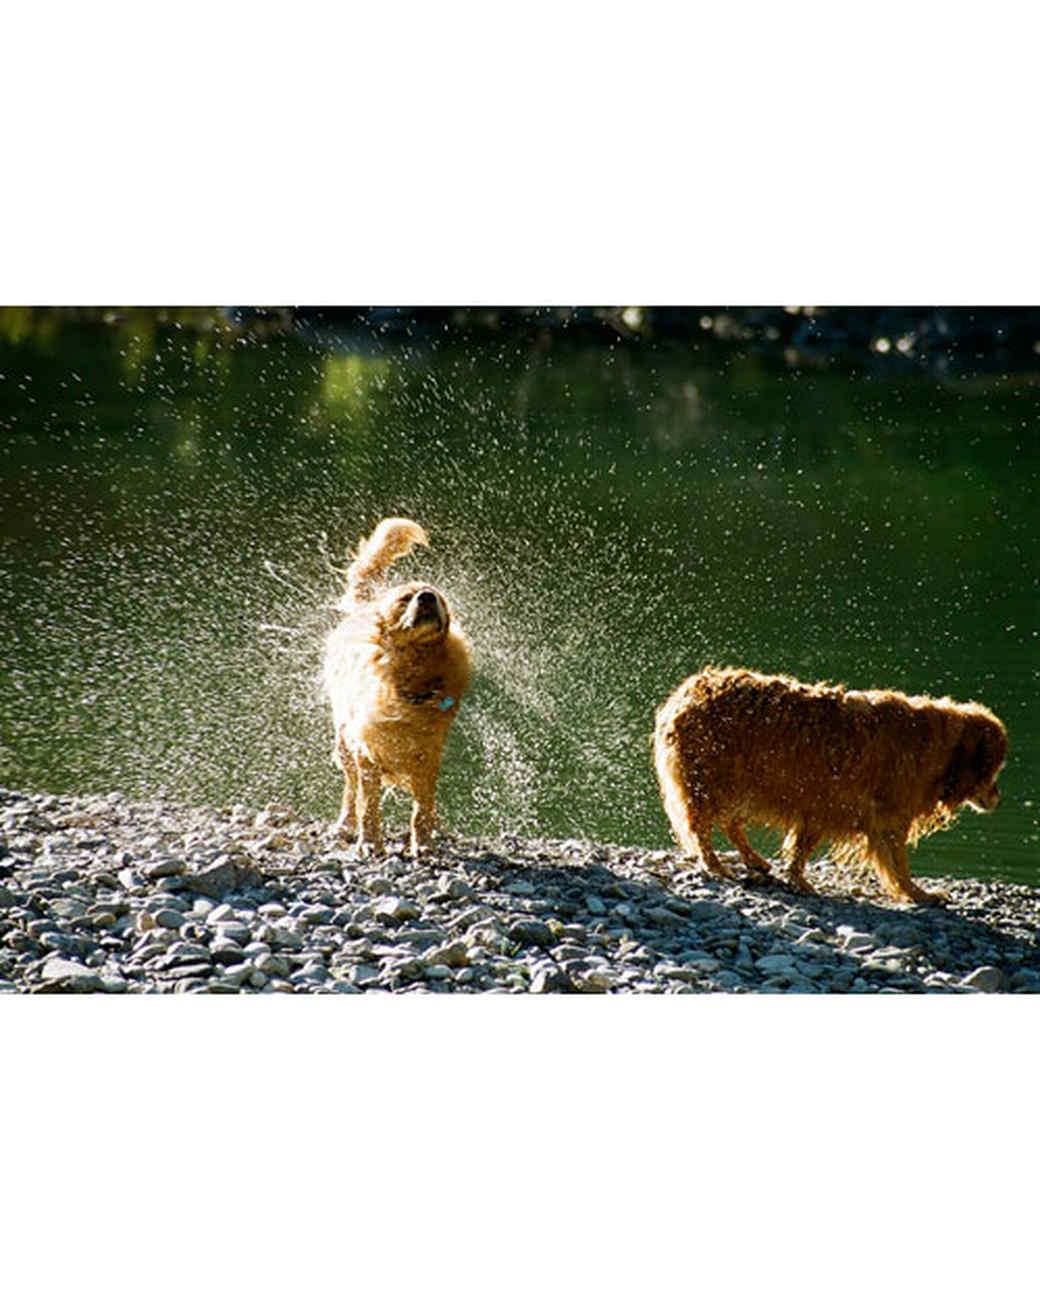 pets-at-play-0311-13055951_27657598.jpg